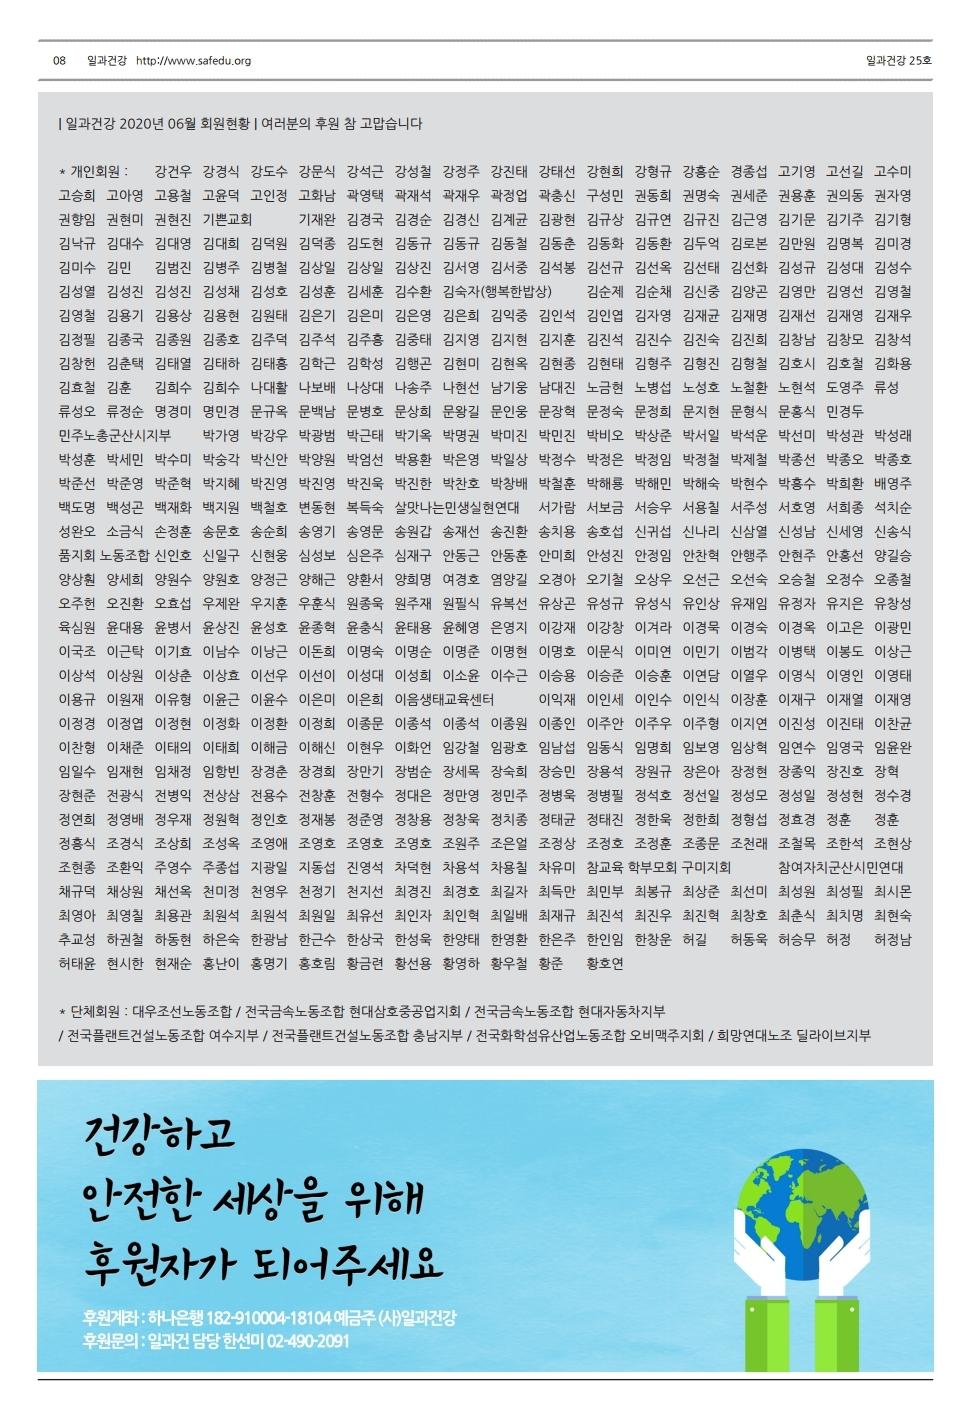 일과건강 소식지 25.pdf_page_8.jpg